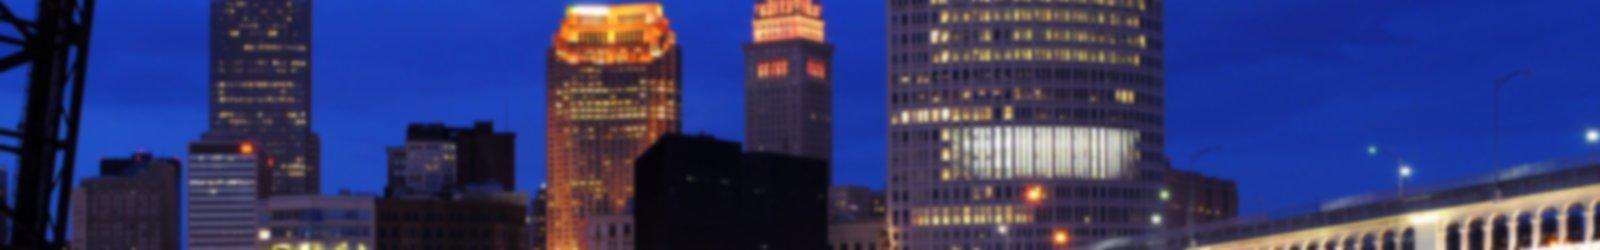 Cleveland wallpaper